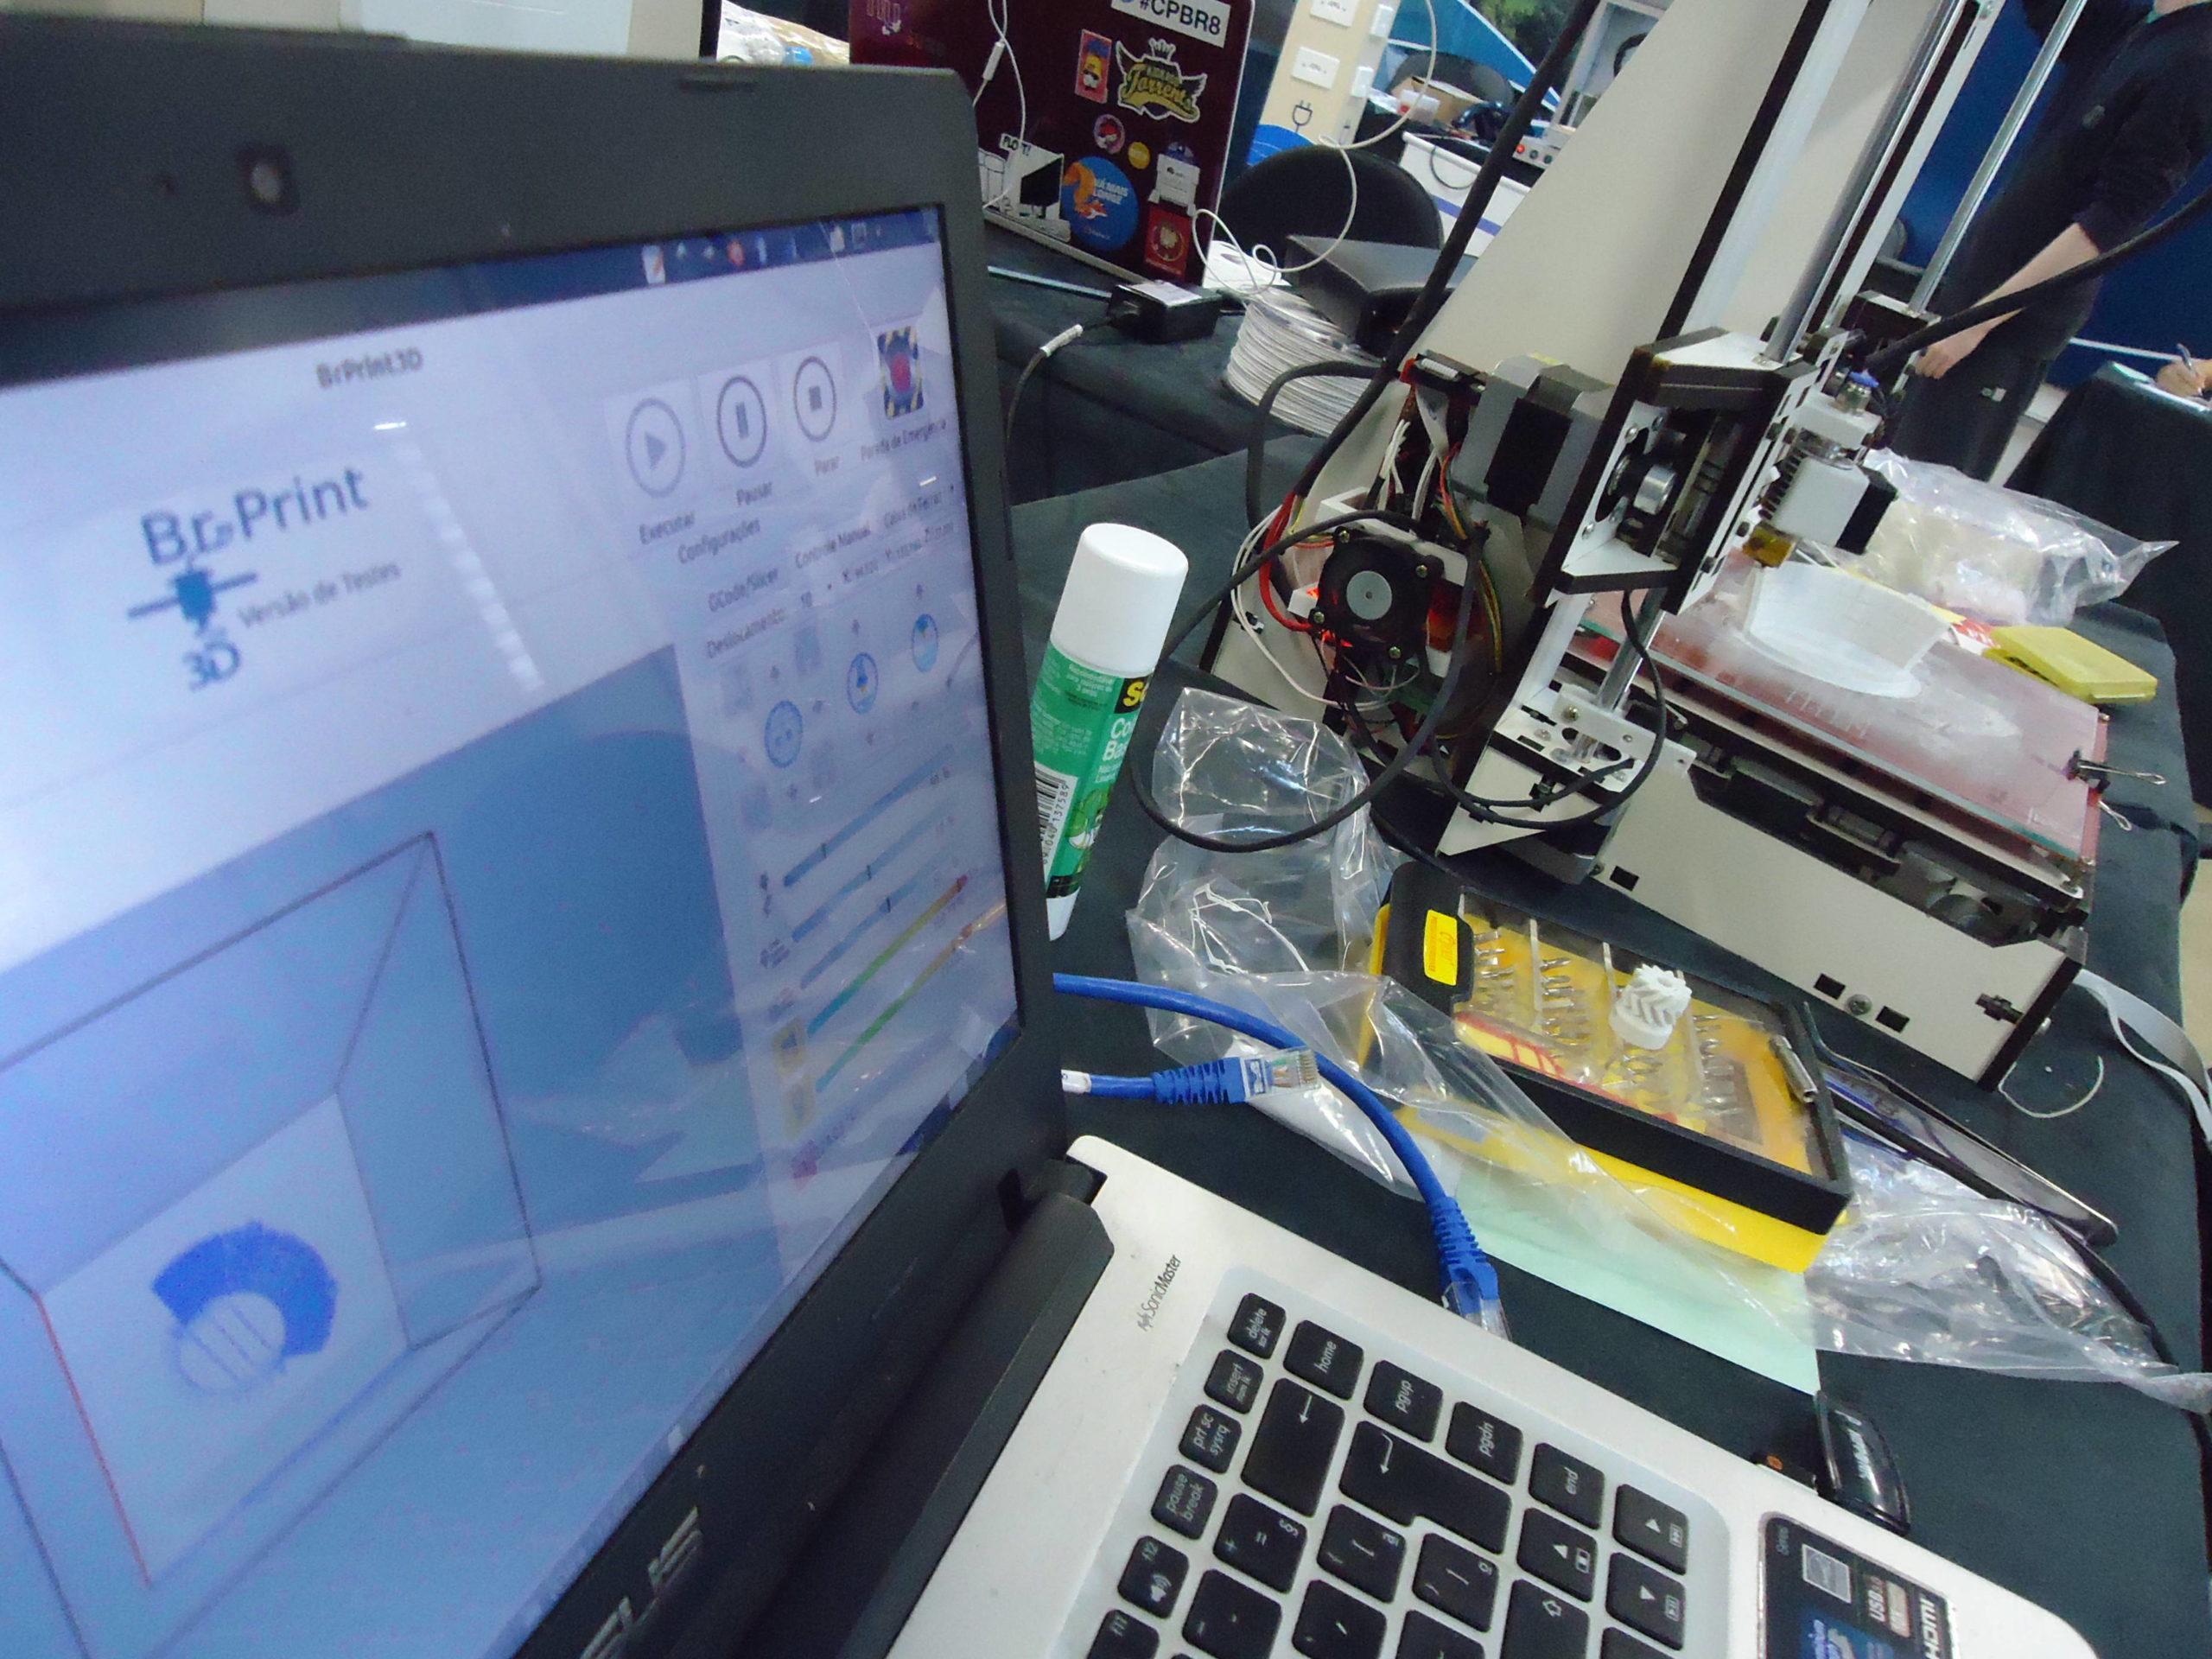 BrPrint3D with a 3d printer